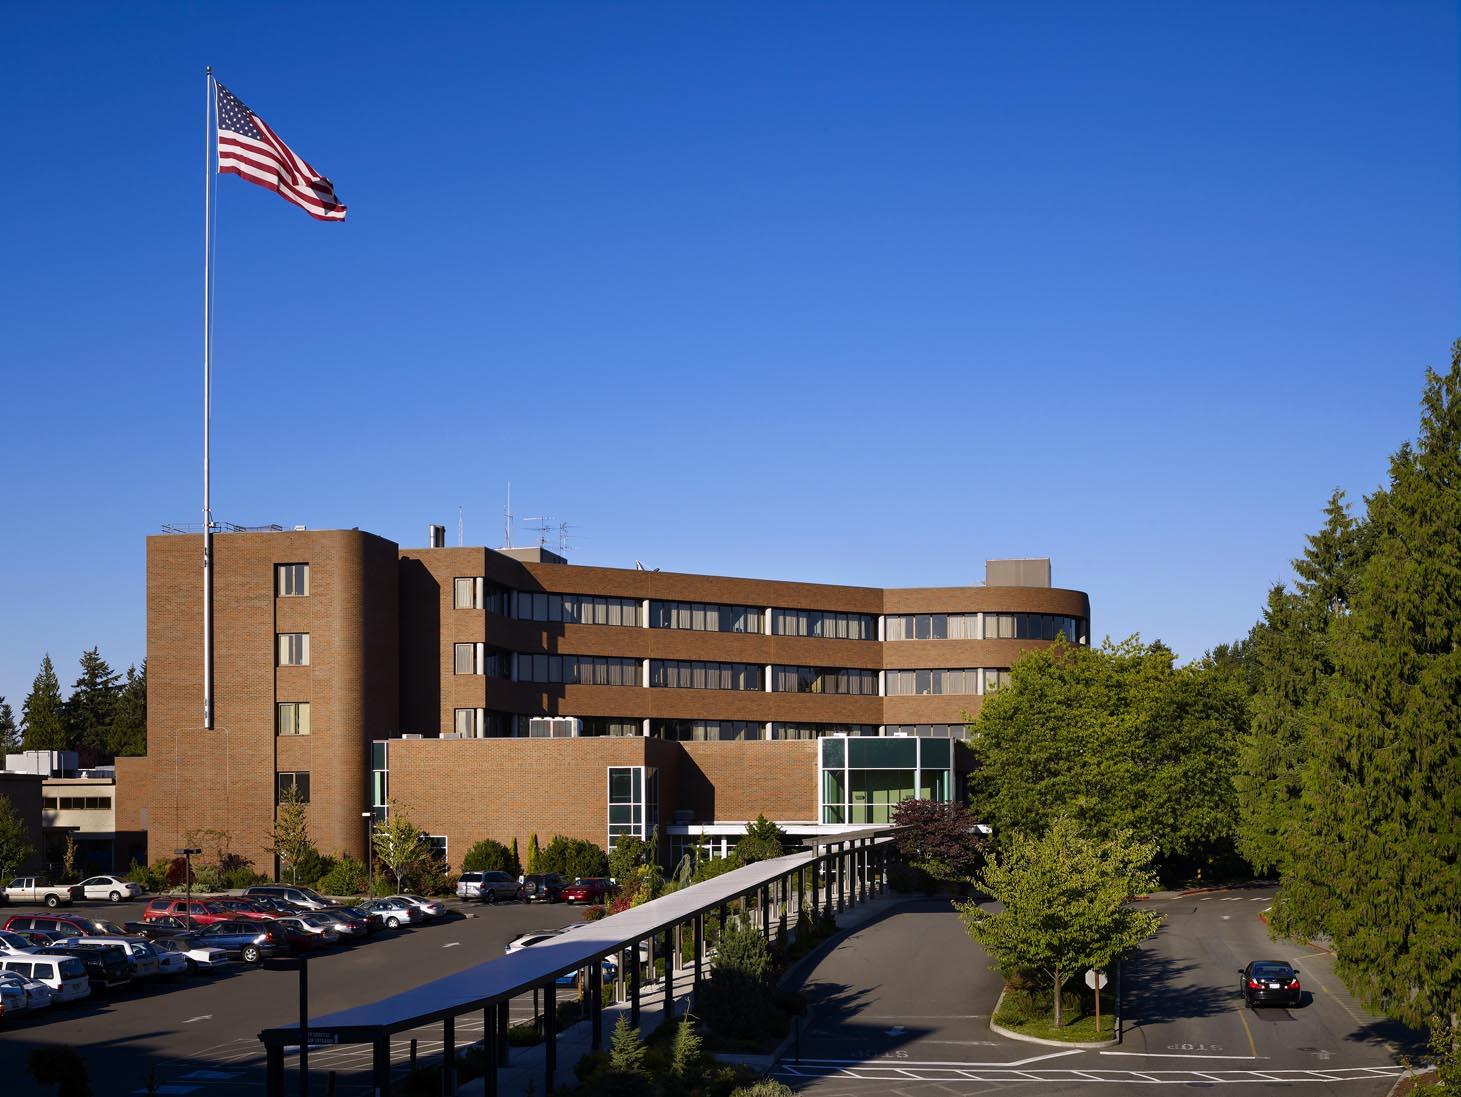 university of washington medical center named best. Black Bedroom Furniture Sets. Home Design Ideas